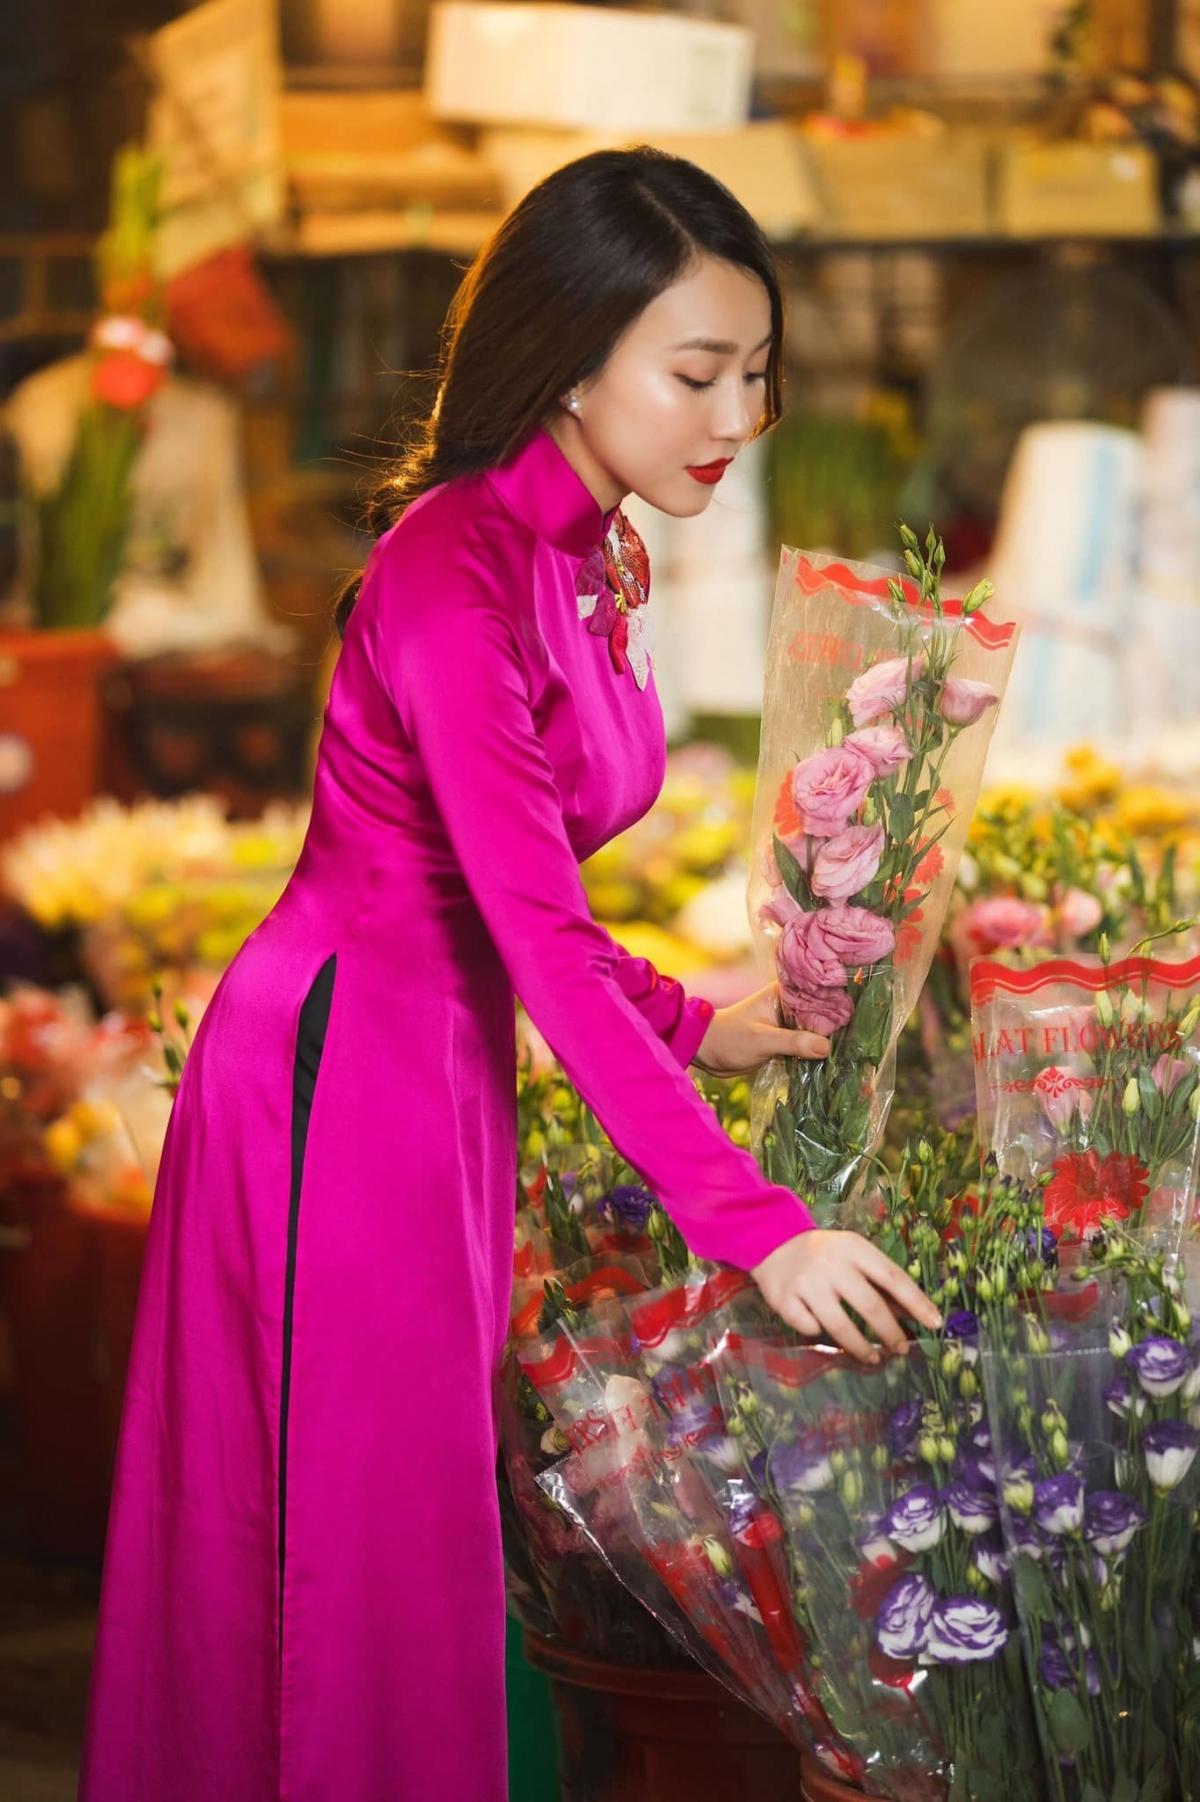 """Diễn viên Hồng Loan diện áo dài hồng thắm, tự tay lựa chọn từng bông hoa. Cô viết: """"Lại một cái Tết đã đến, Tết Đoan Ngọ. Chúc cả nhà nghỉ Tết vui vẻ"""". """